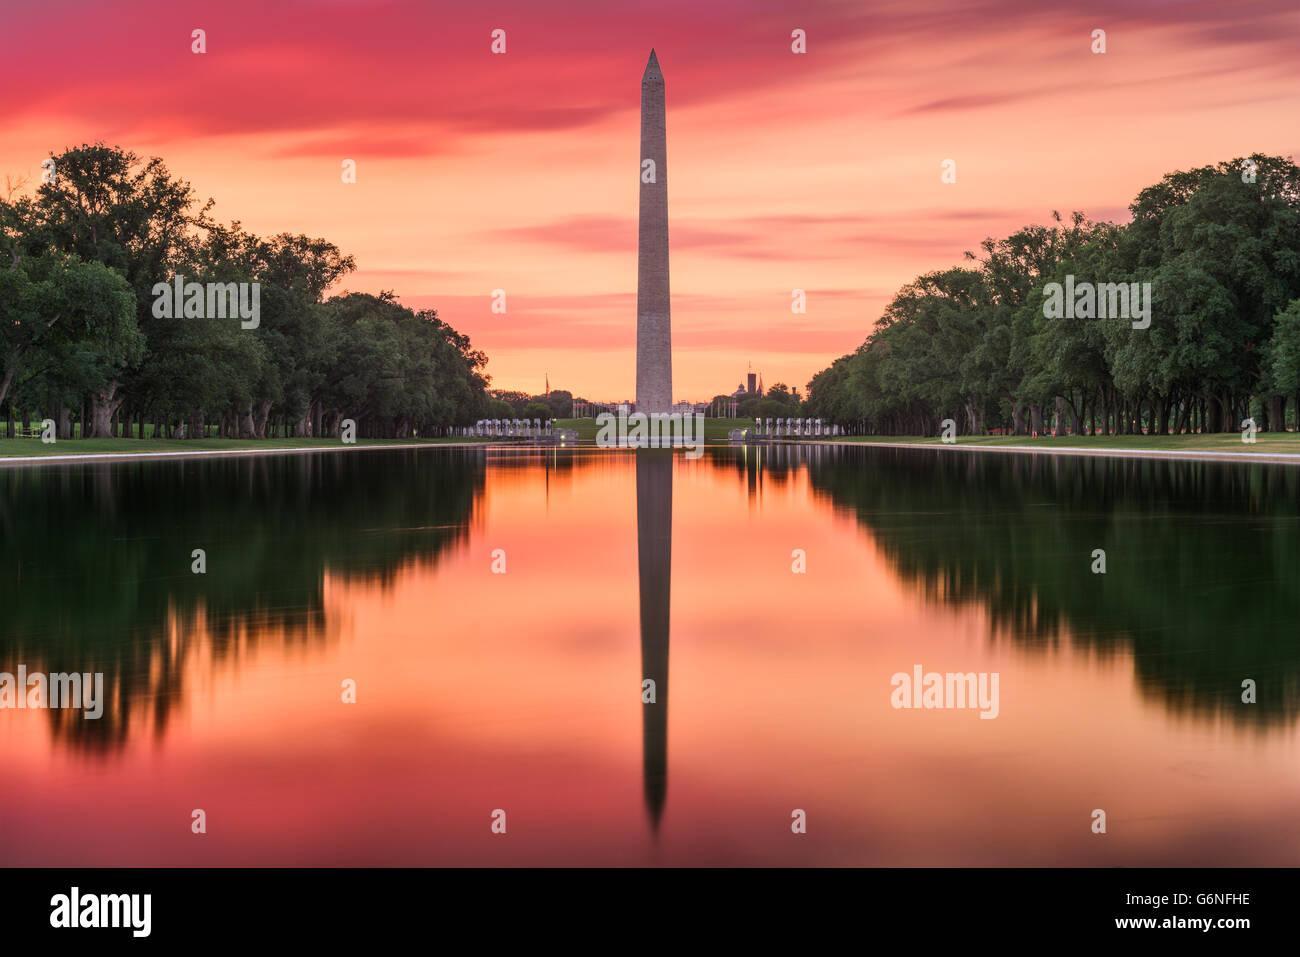 Washington DC presso la piscina riflettente e il Monumento a Washington. Immagini Stock